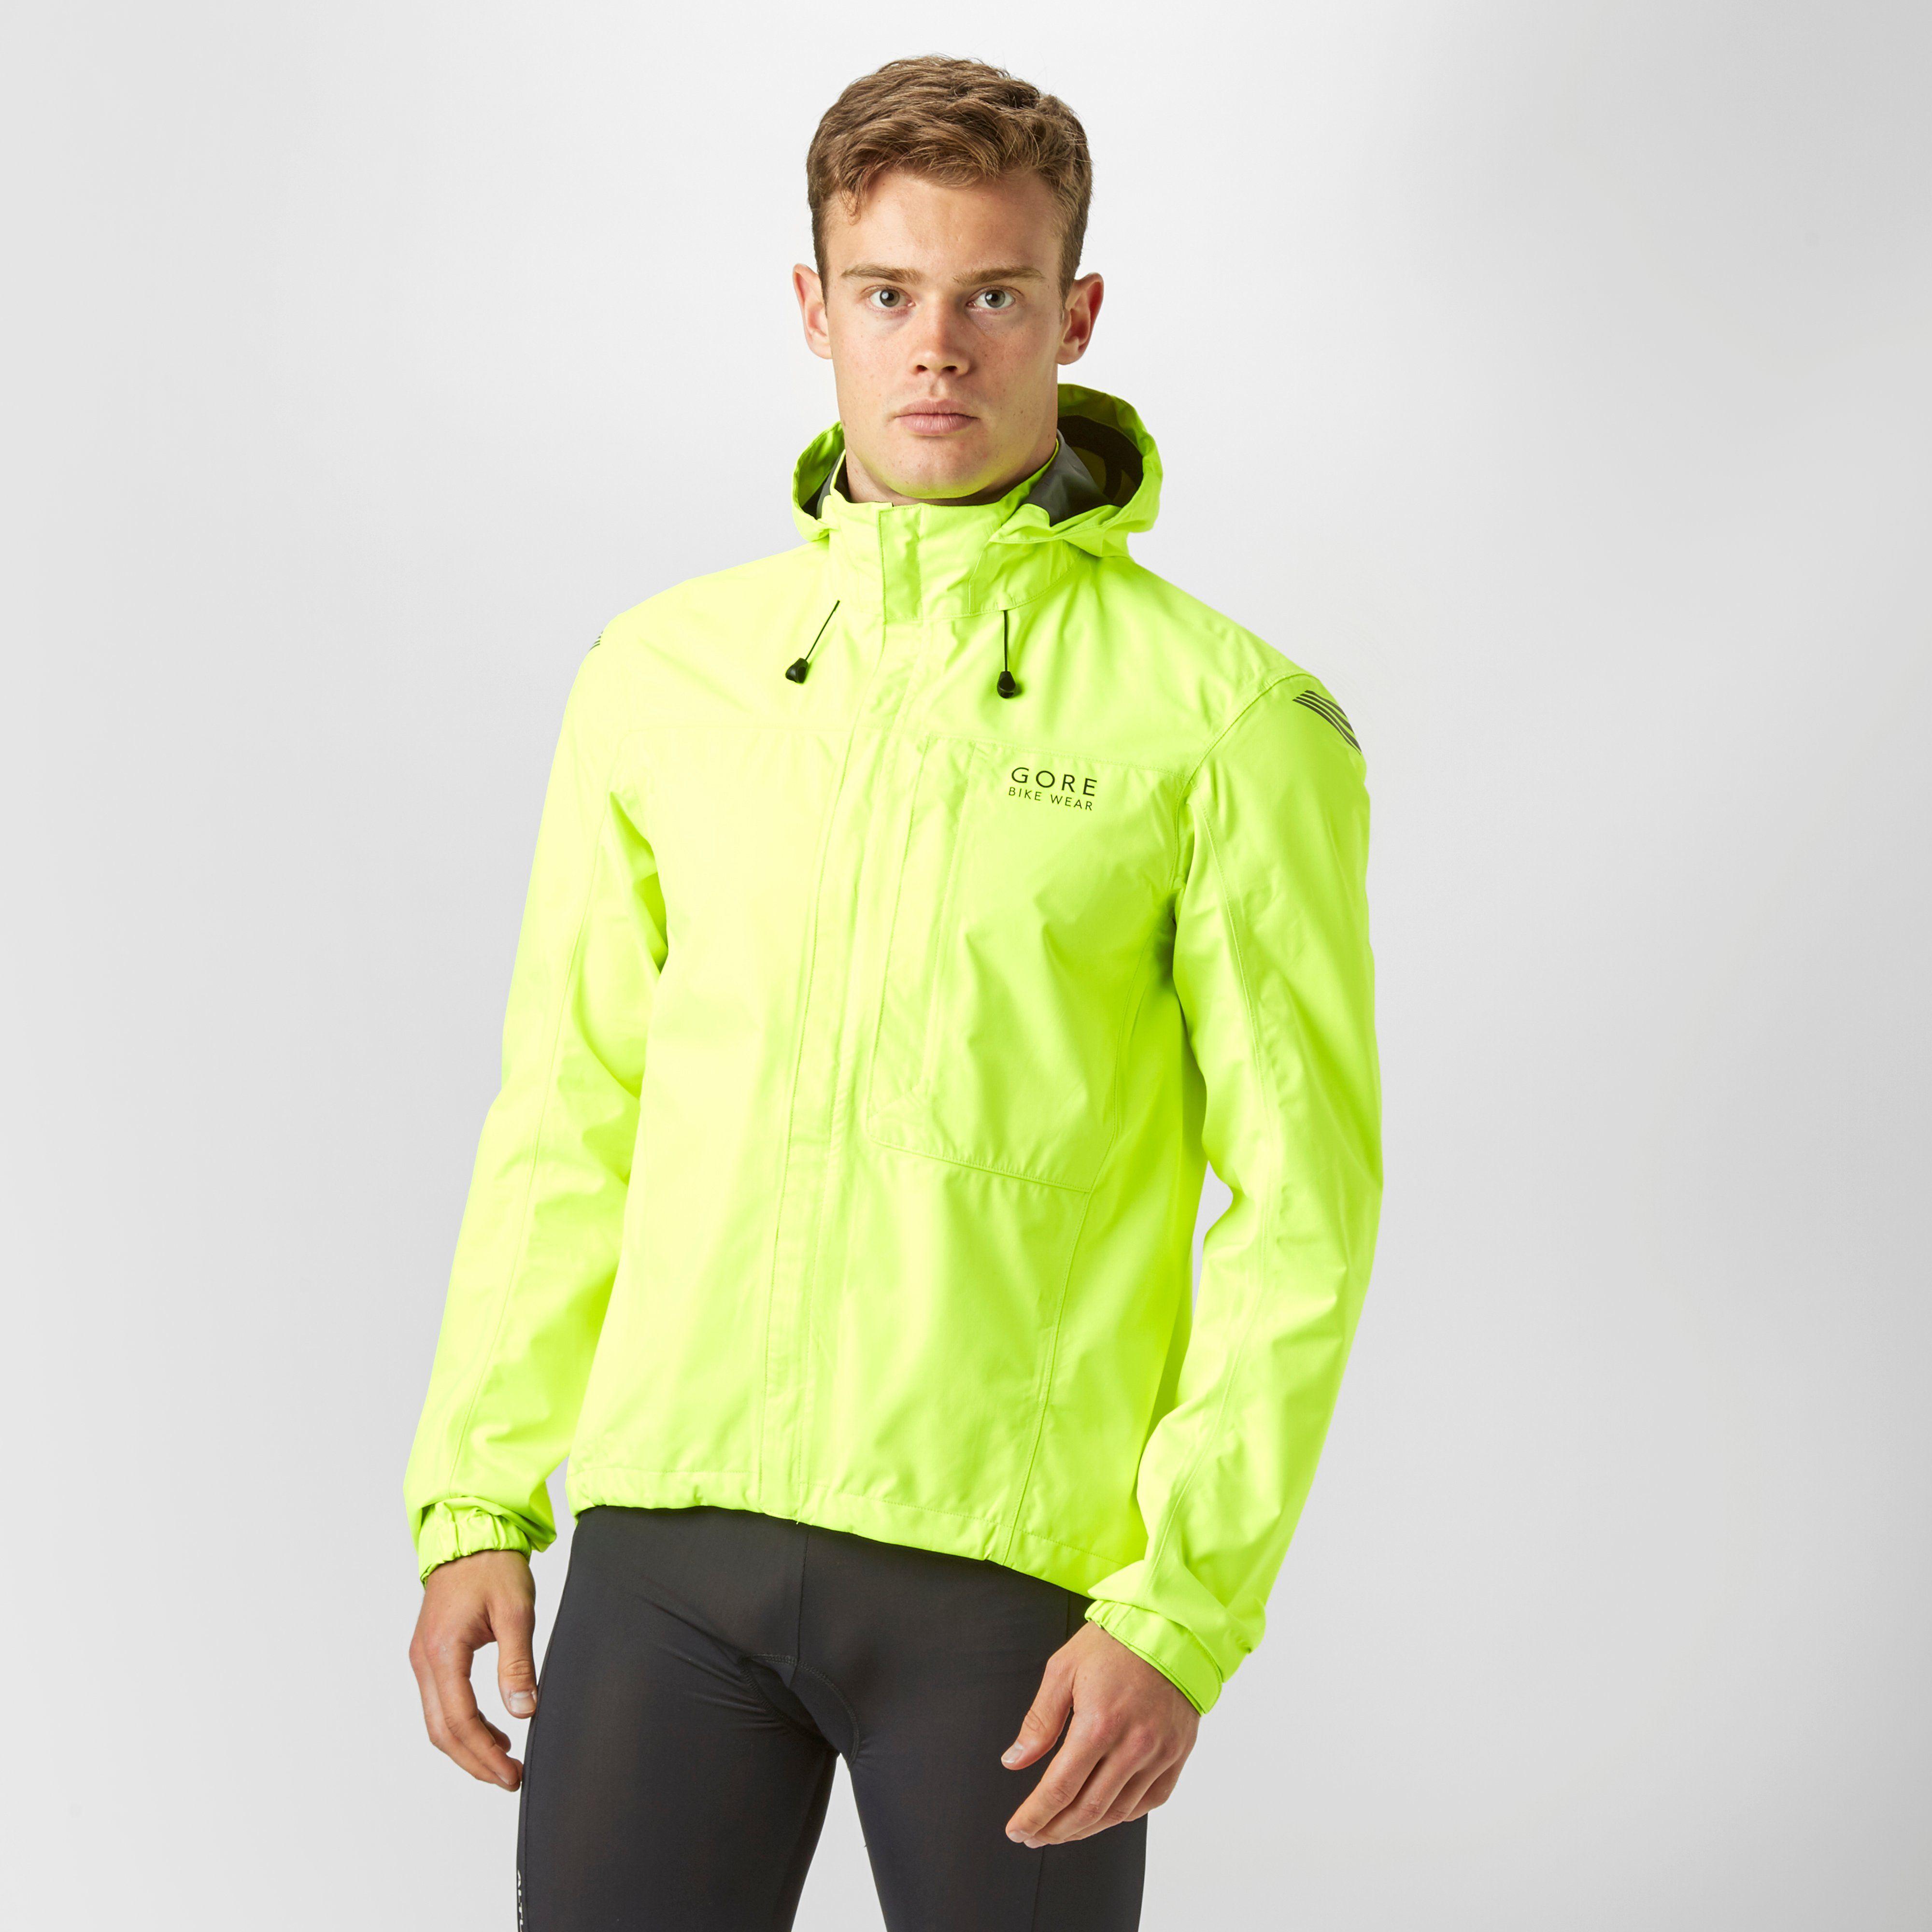 GORE Men's Element GORE-TEX® Paclite Jacket